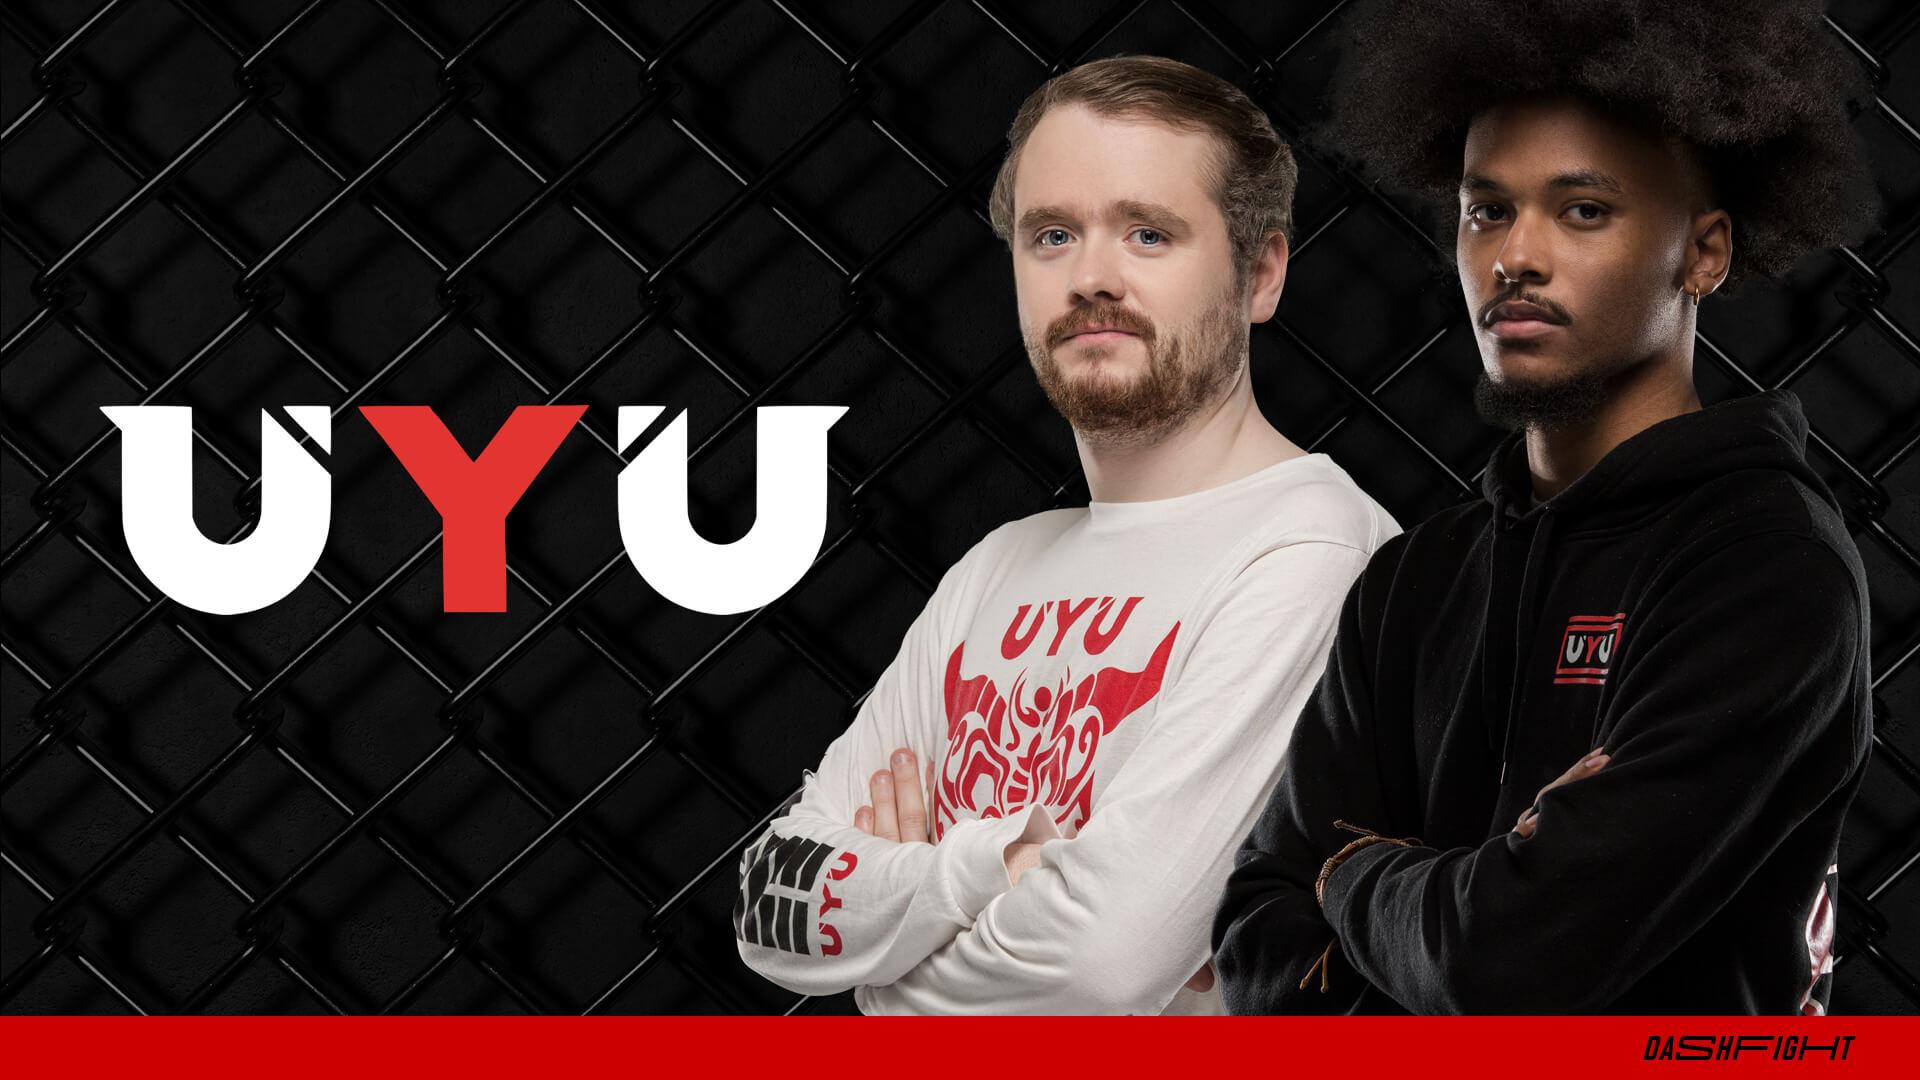 UYU Rewind and Fergus